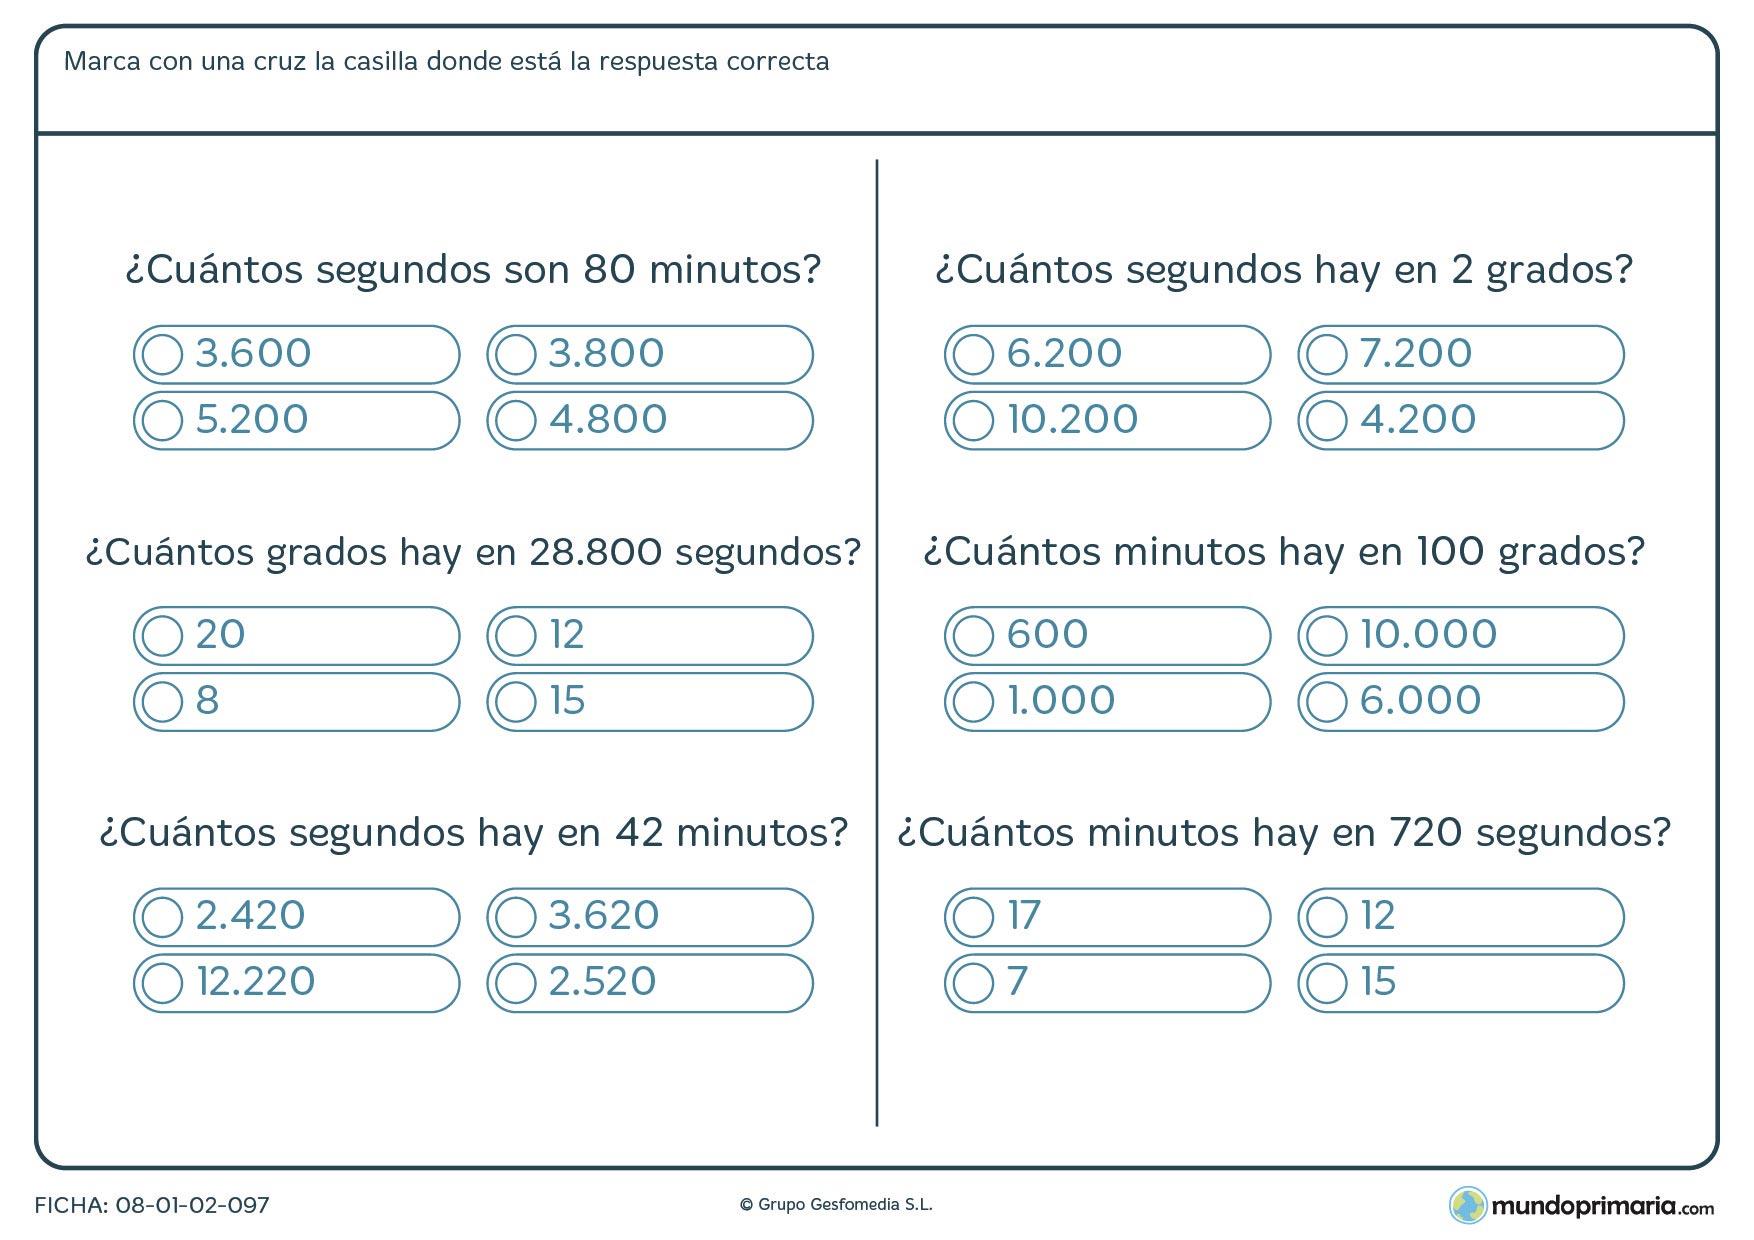 Ficha de convertir minutos a segundos o a grados en esta ficha con 6 prácticos ejercicios.